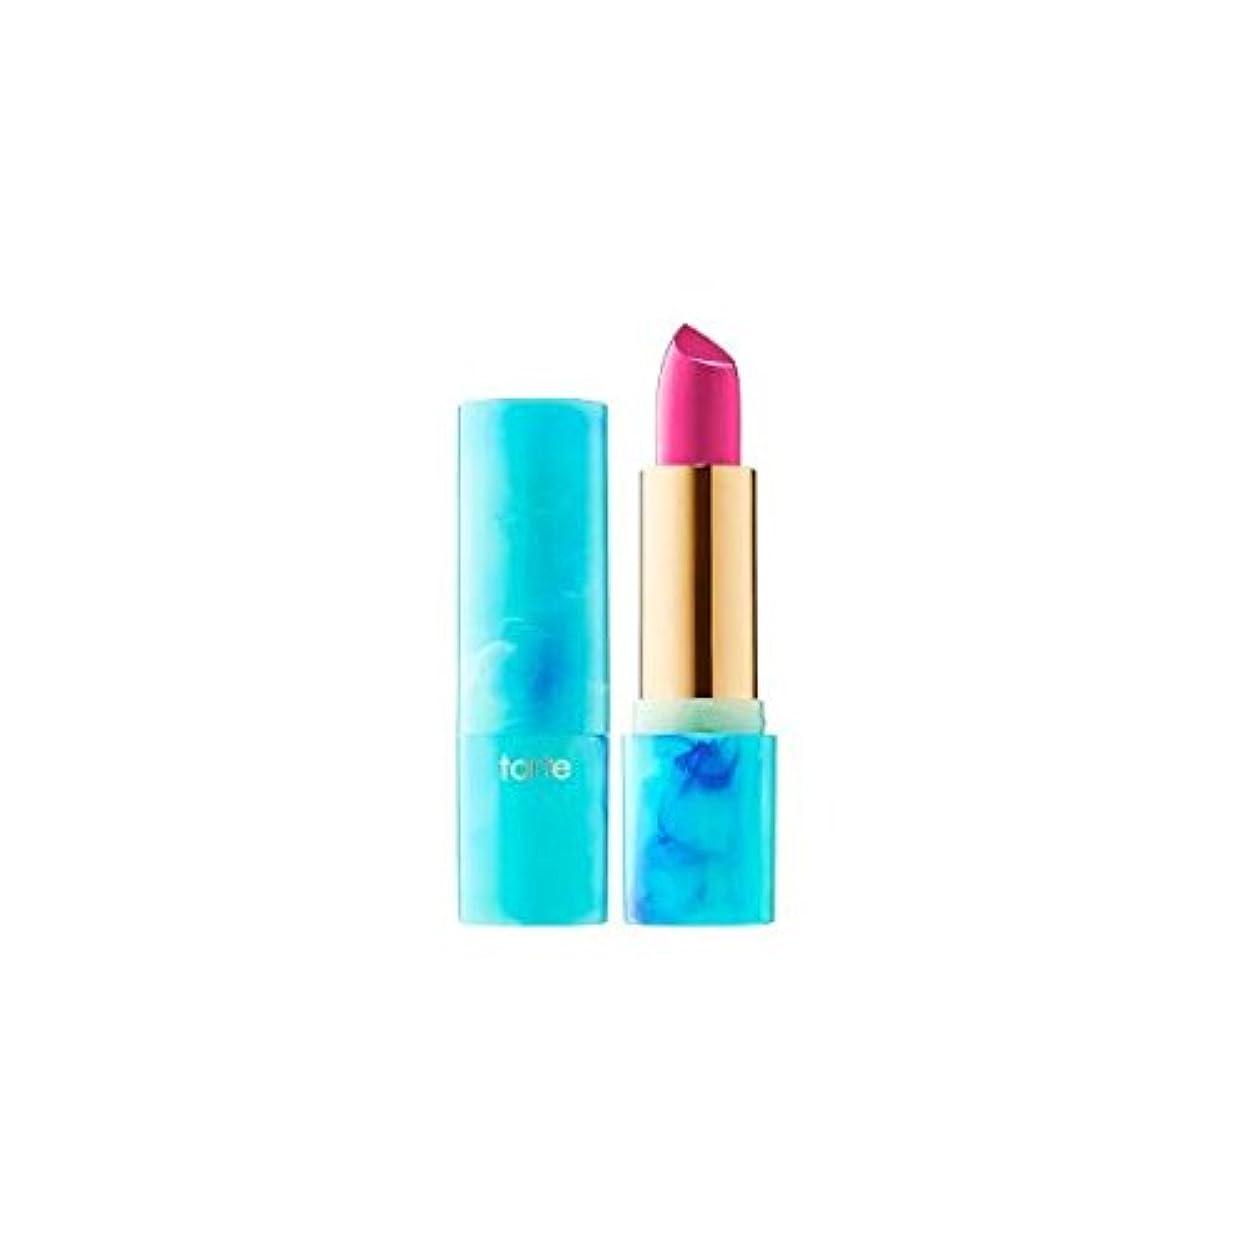 フェリーブル仲介者tarteタルト リップ Color Splash Lipstick - Rainforest of the Sea Collection Satin finish